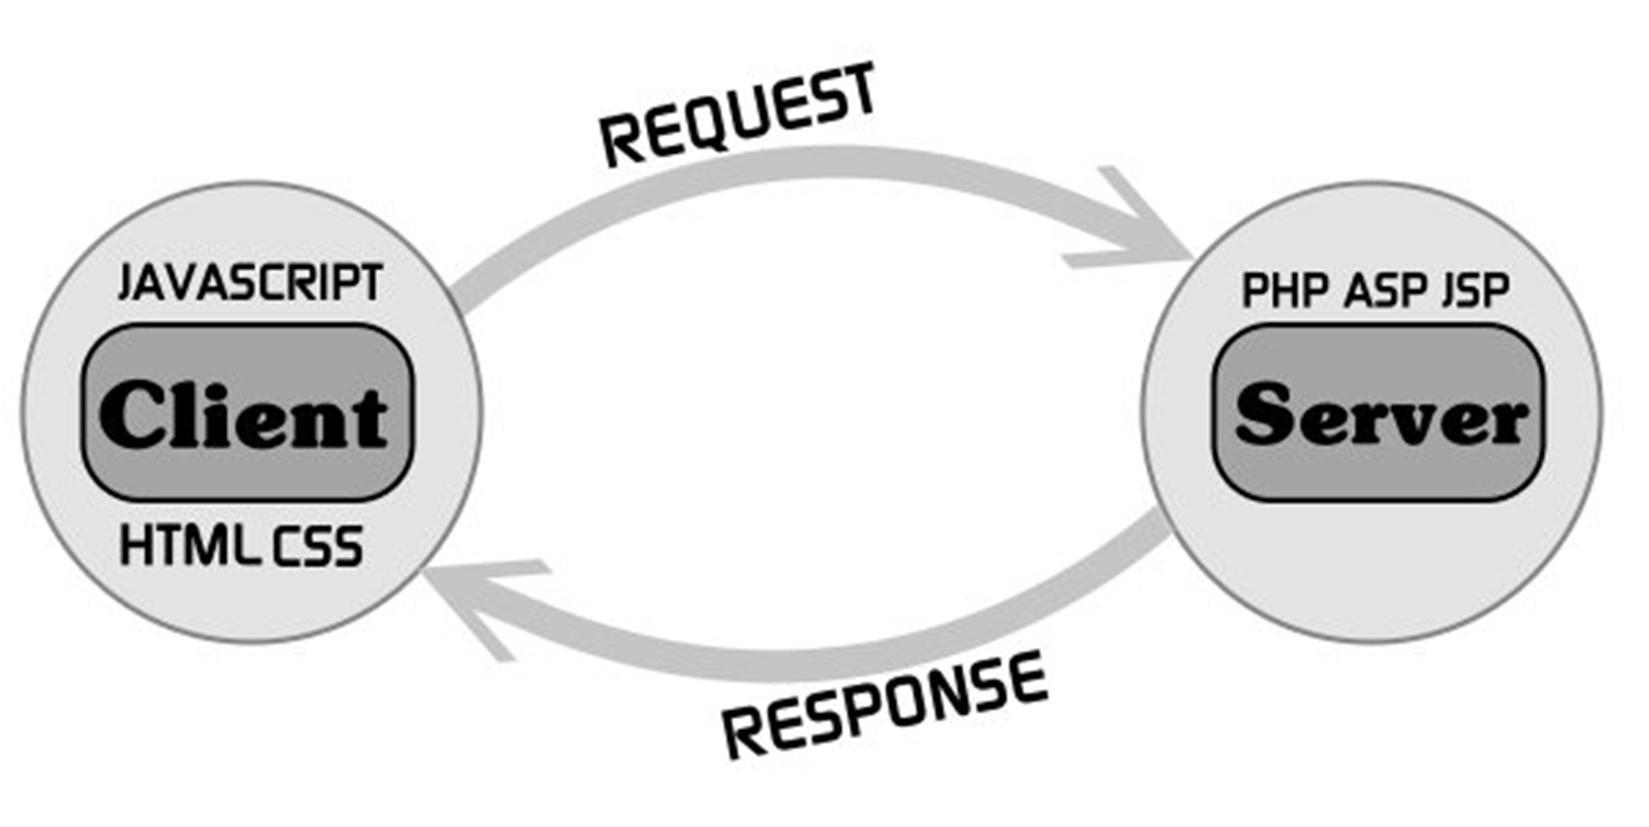 انواع زبان های برنامه نویسی تحت وب